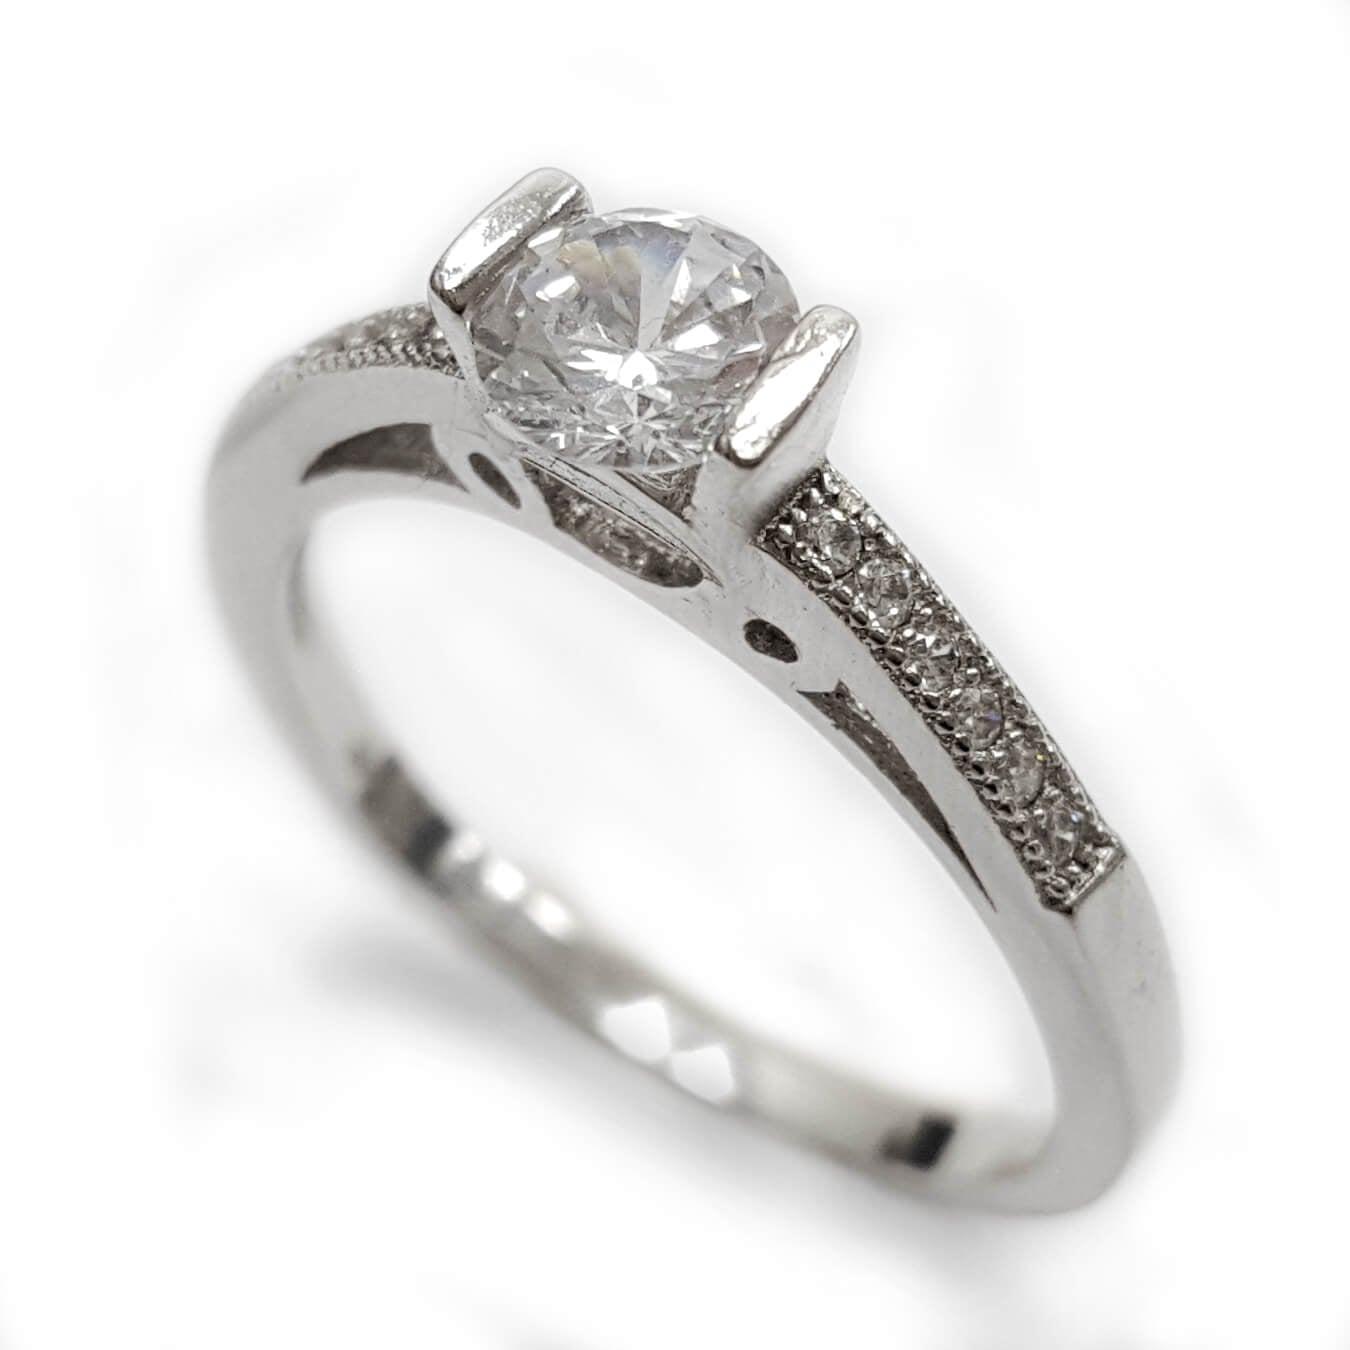 טבעת כסף משובצת זרקון סוליטר ואבני זרקון קטנות RG5550 | תכשיטי כסף | טבעות כסף